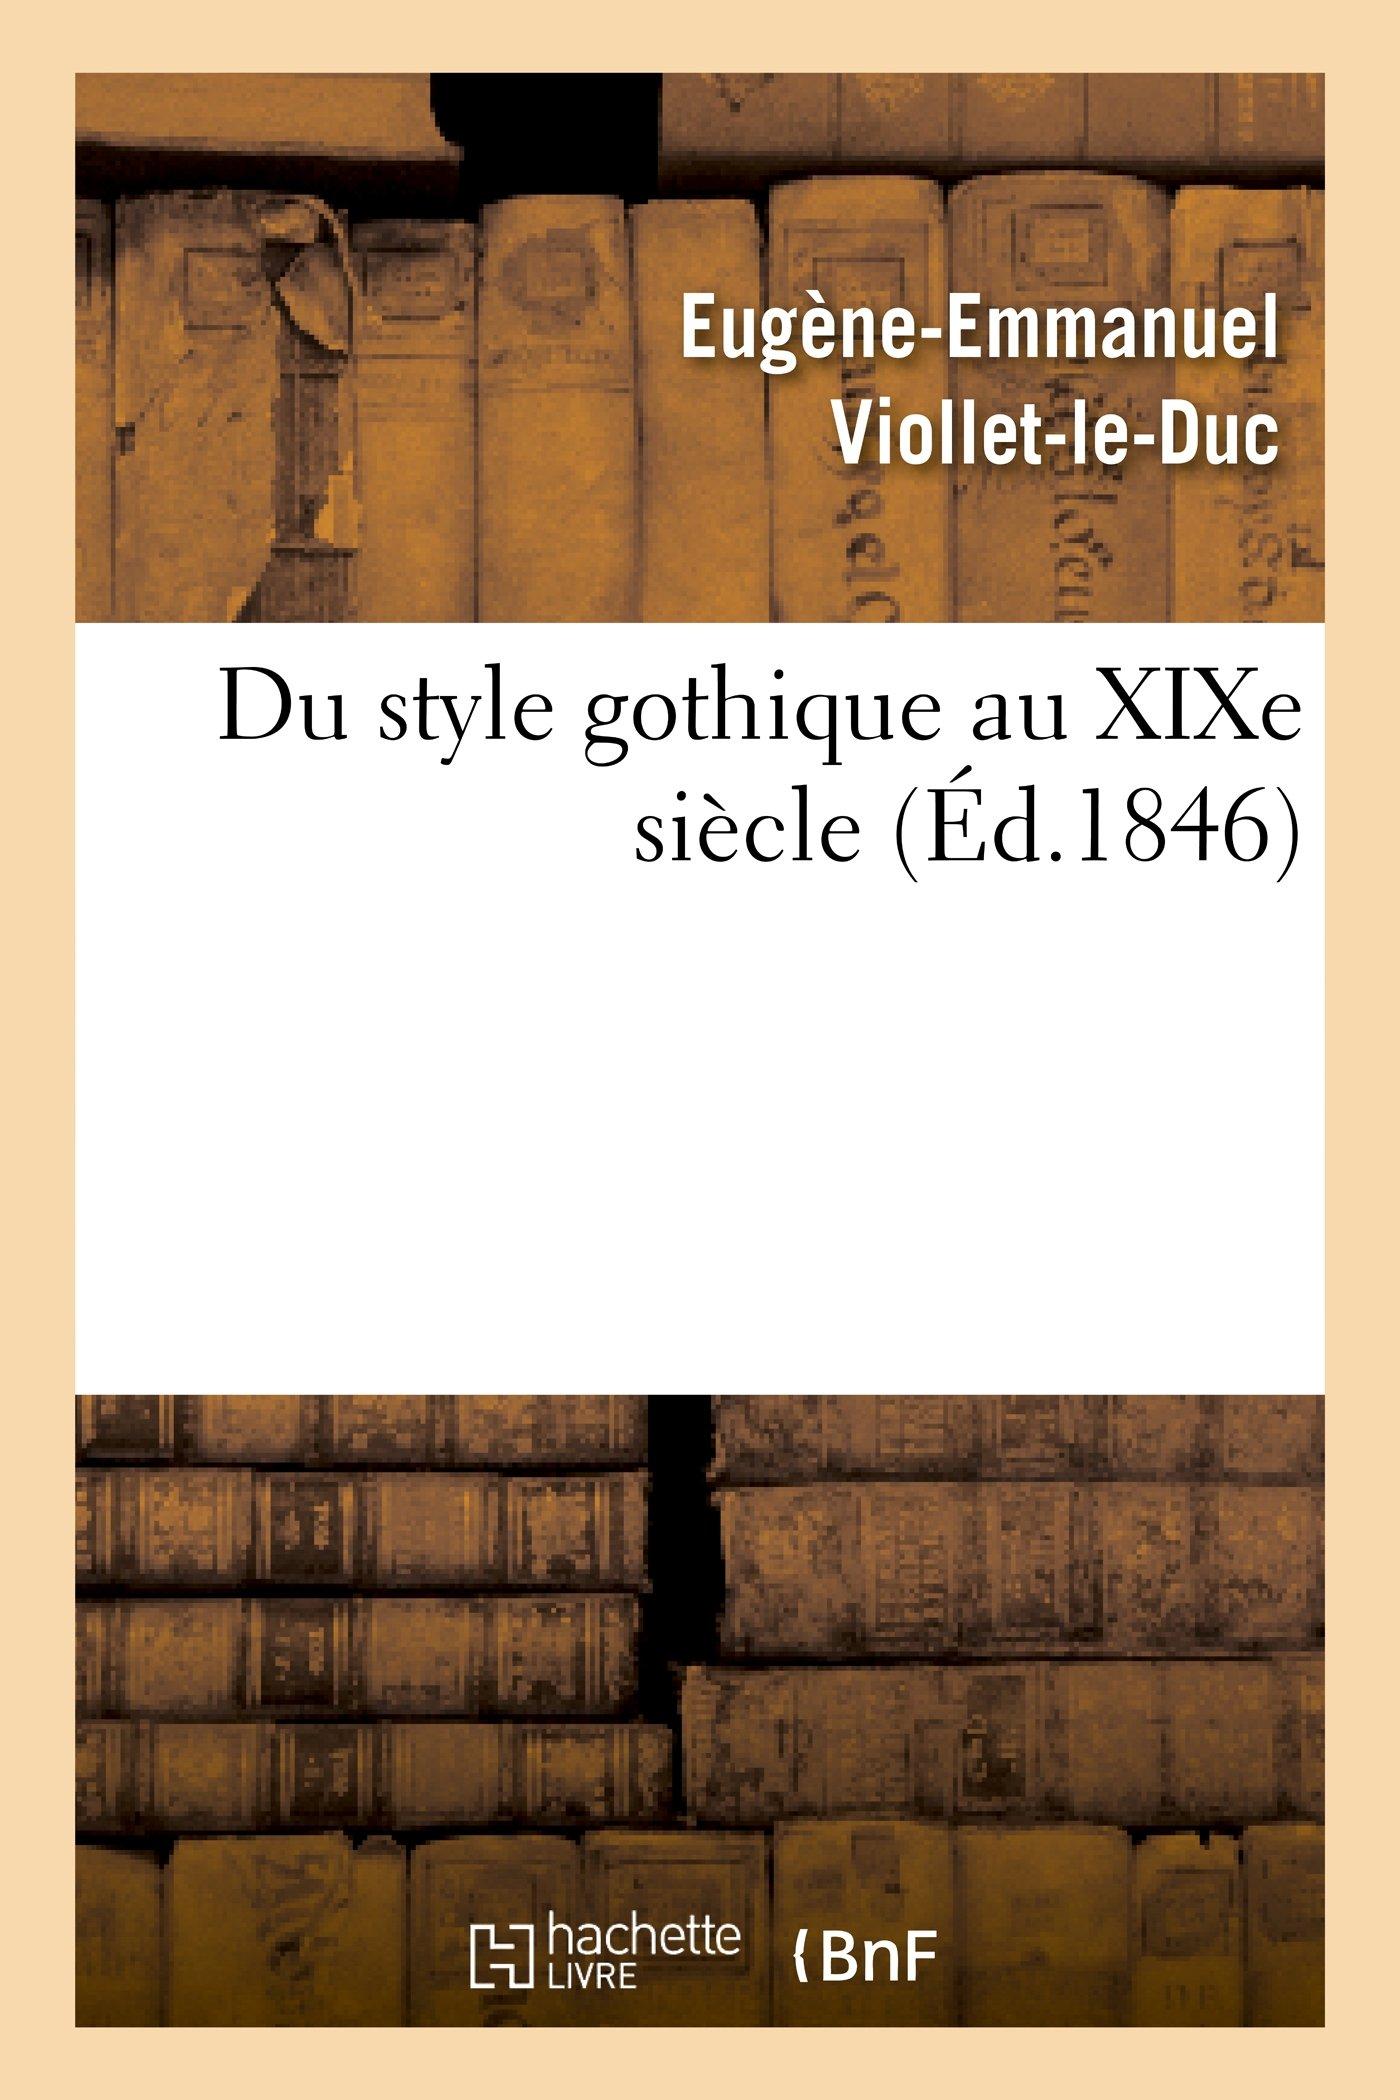 Du style gothique au XIXe siècle Broché – 1 avril 2013 Hachette Livre BNF 2011894670 Ecrits sur l' art ART / General